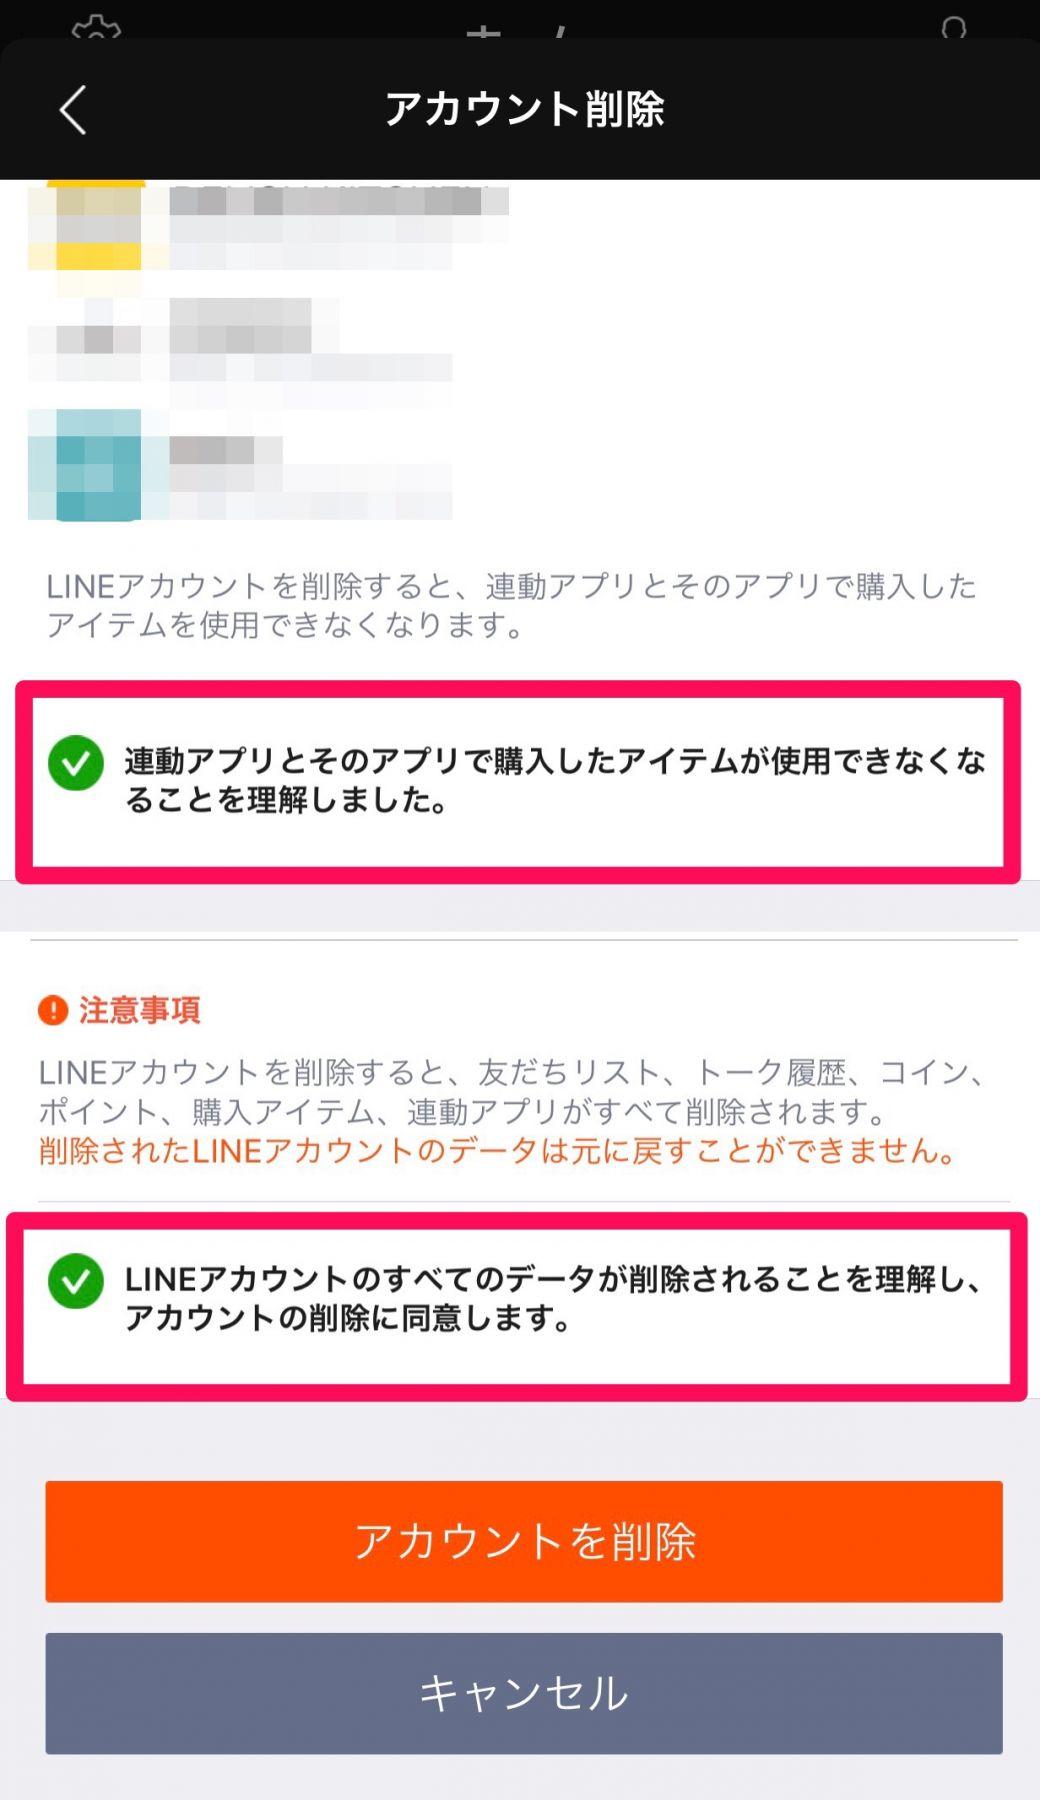 変更 line アカウント 名